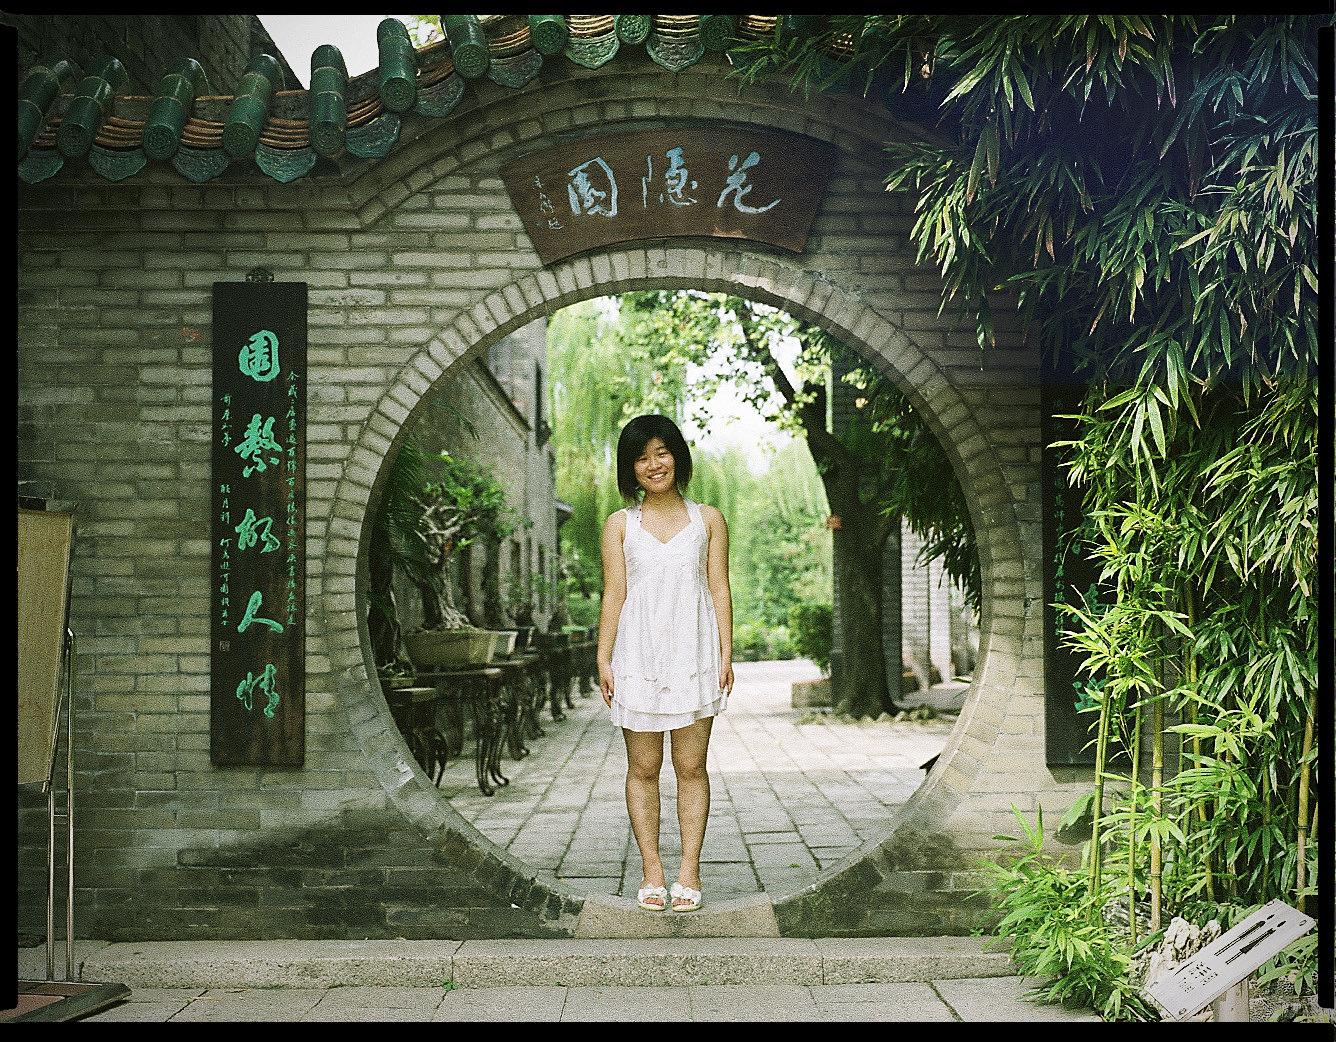 MediumFormatPatrikWallner_Gongguan_GirlInCircleLOWQ